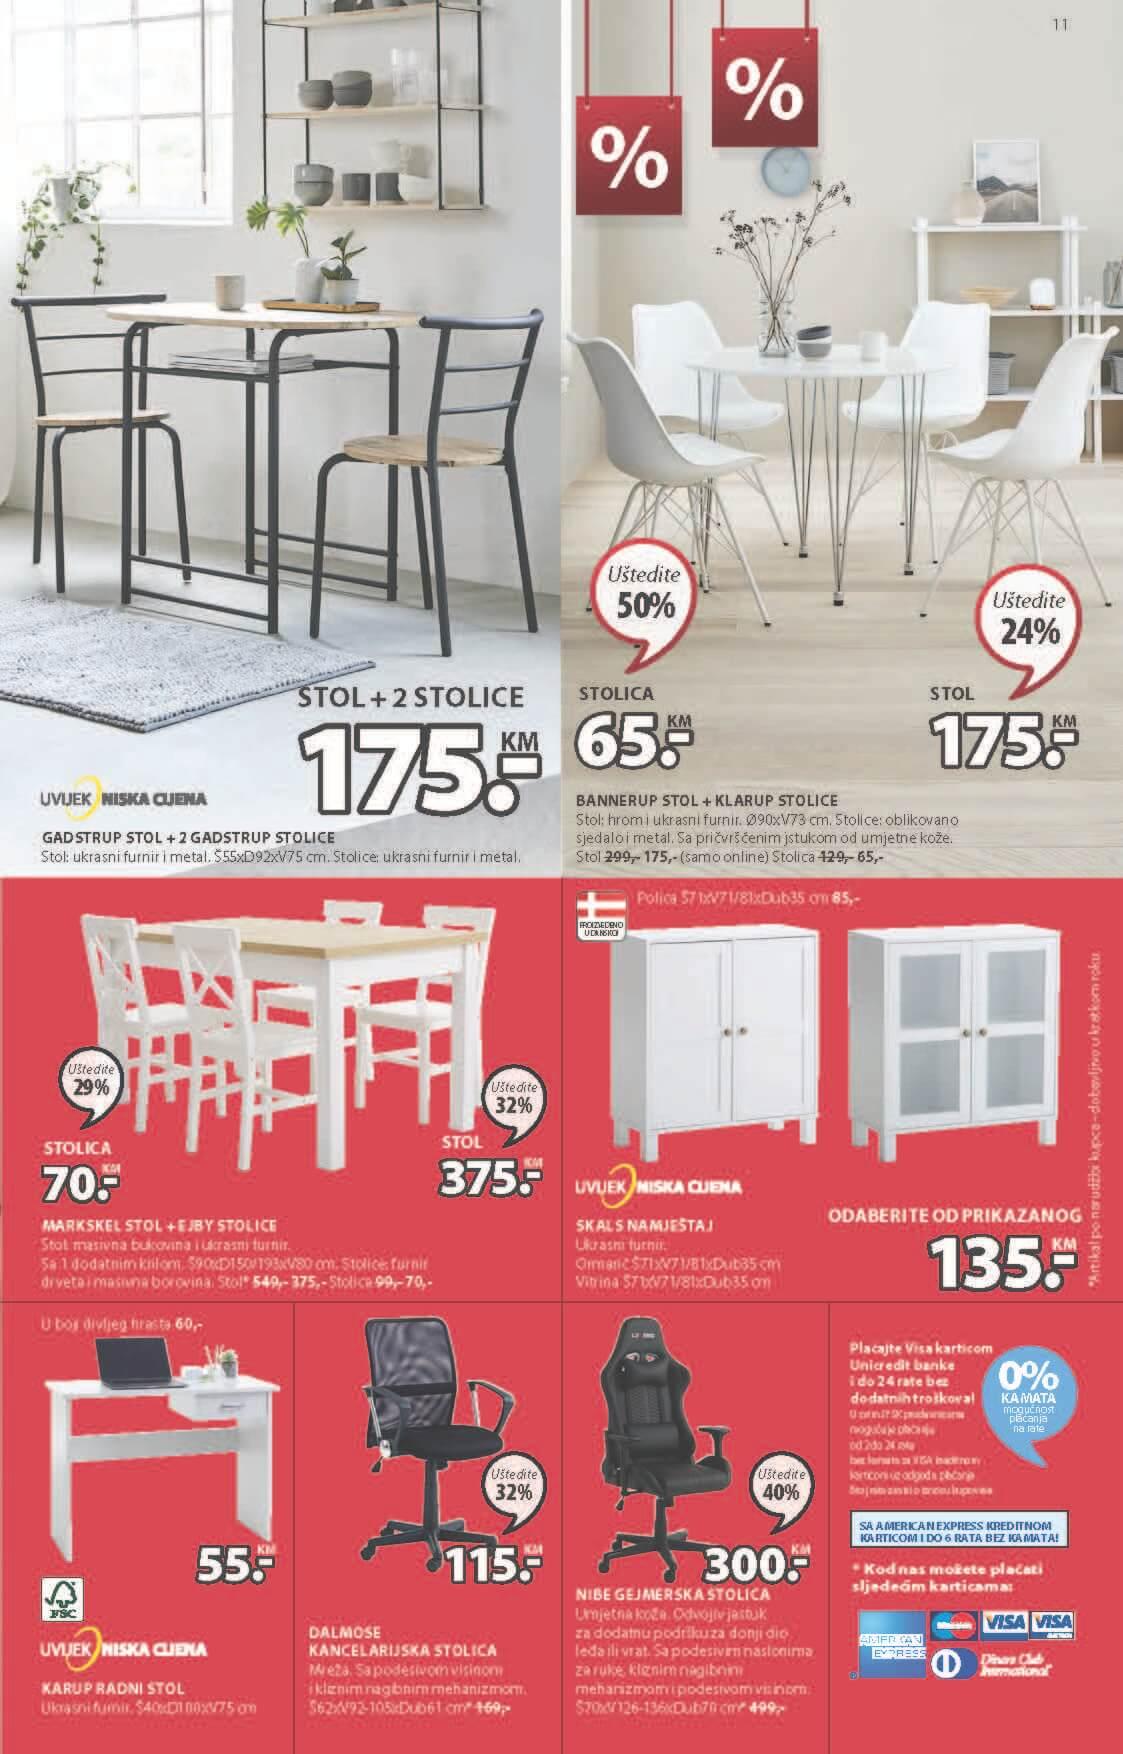 JYSK Katalog Akcijska rasprodaja JUN 2021 03.06. 16.06 eKatalozi.com PR Page 12